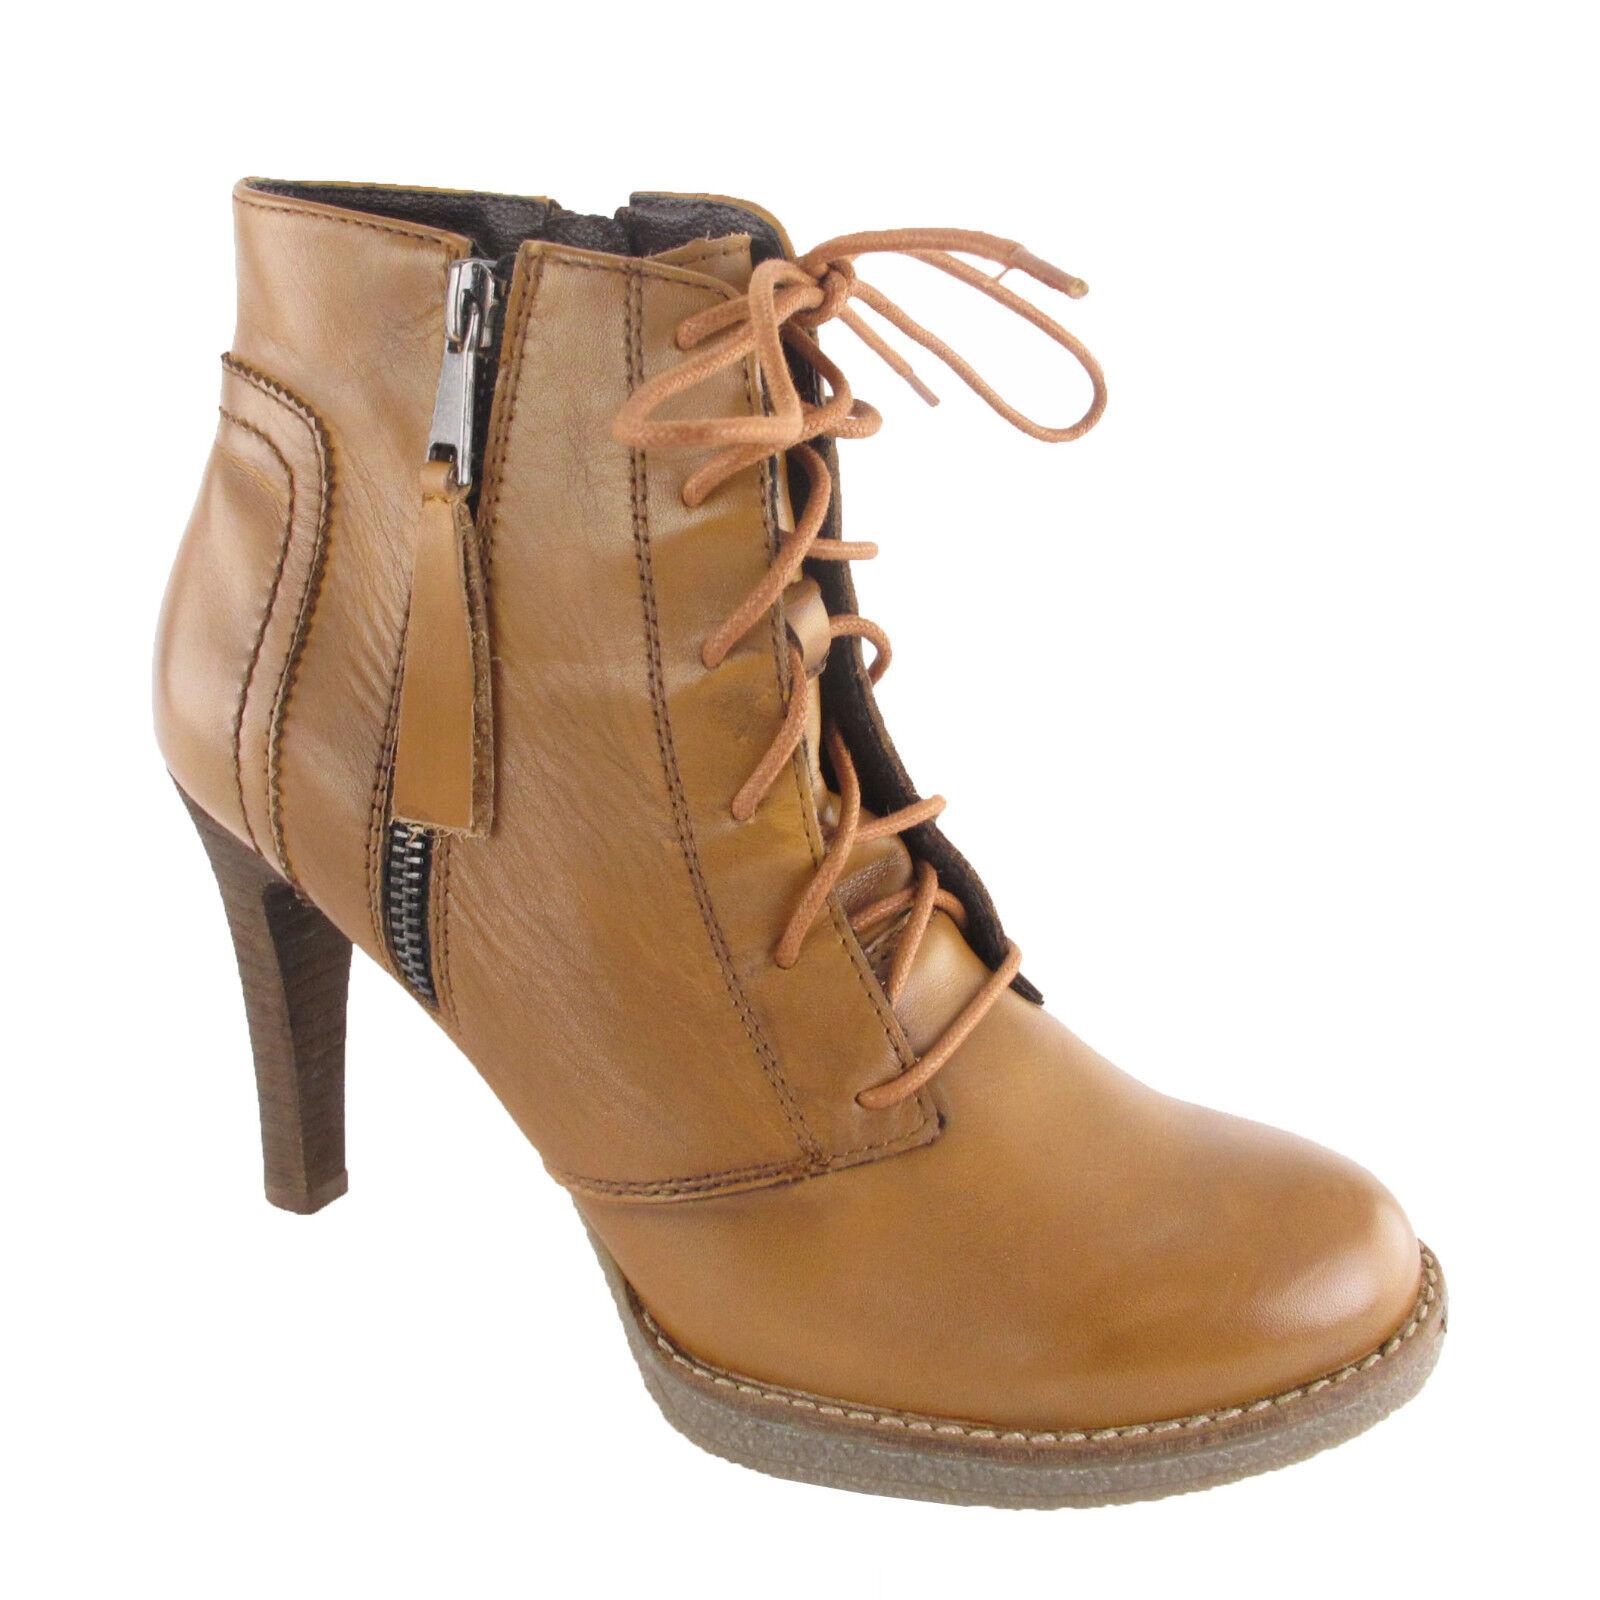 da734e000 SPM botín marrón de cuero nuevo zapatos señora tacón alto botín